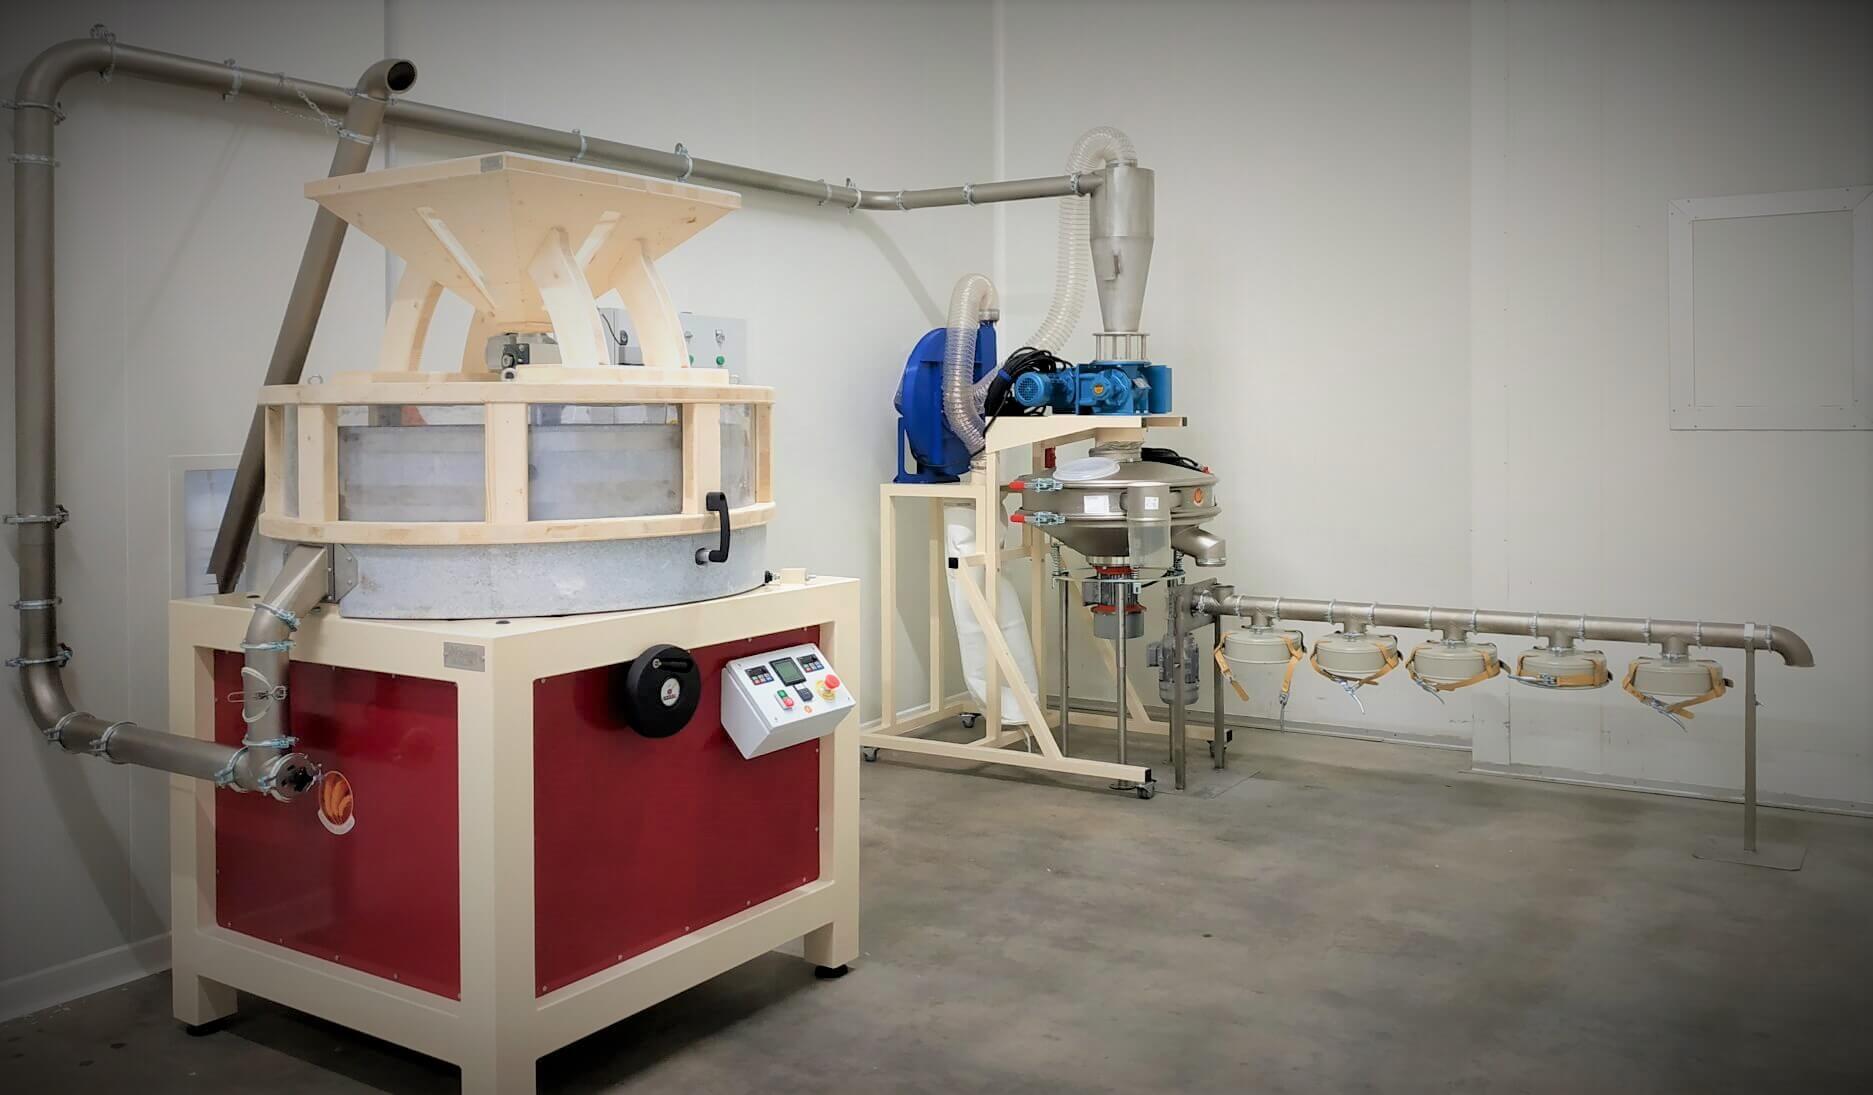 Fabricant Français de moulins à farine